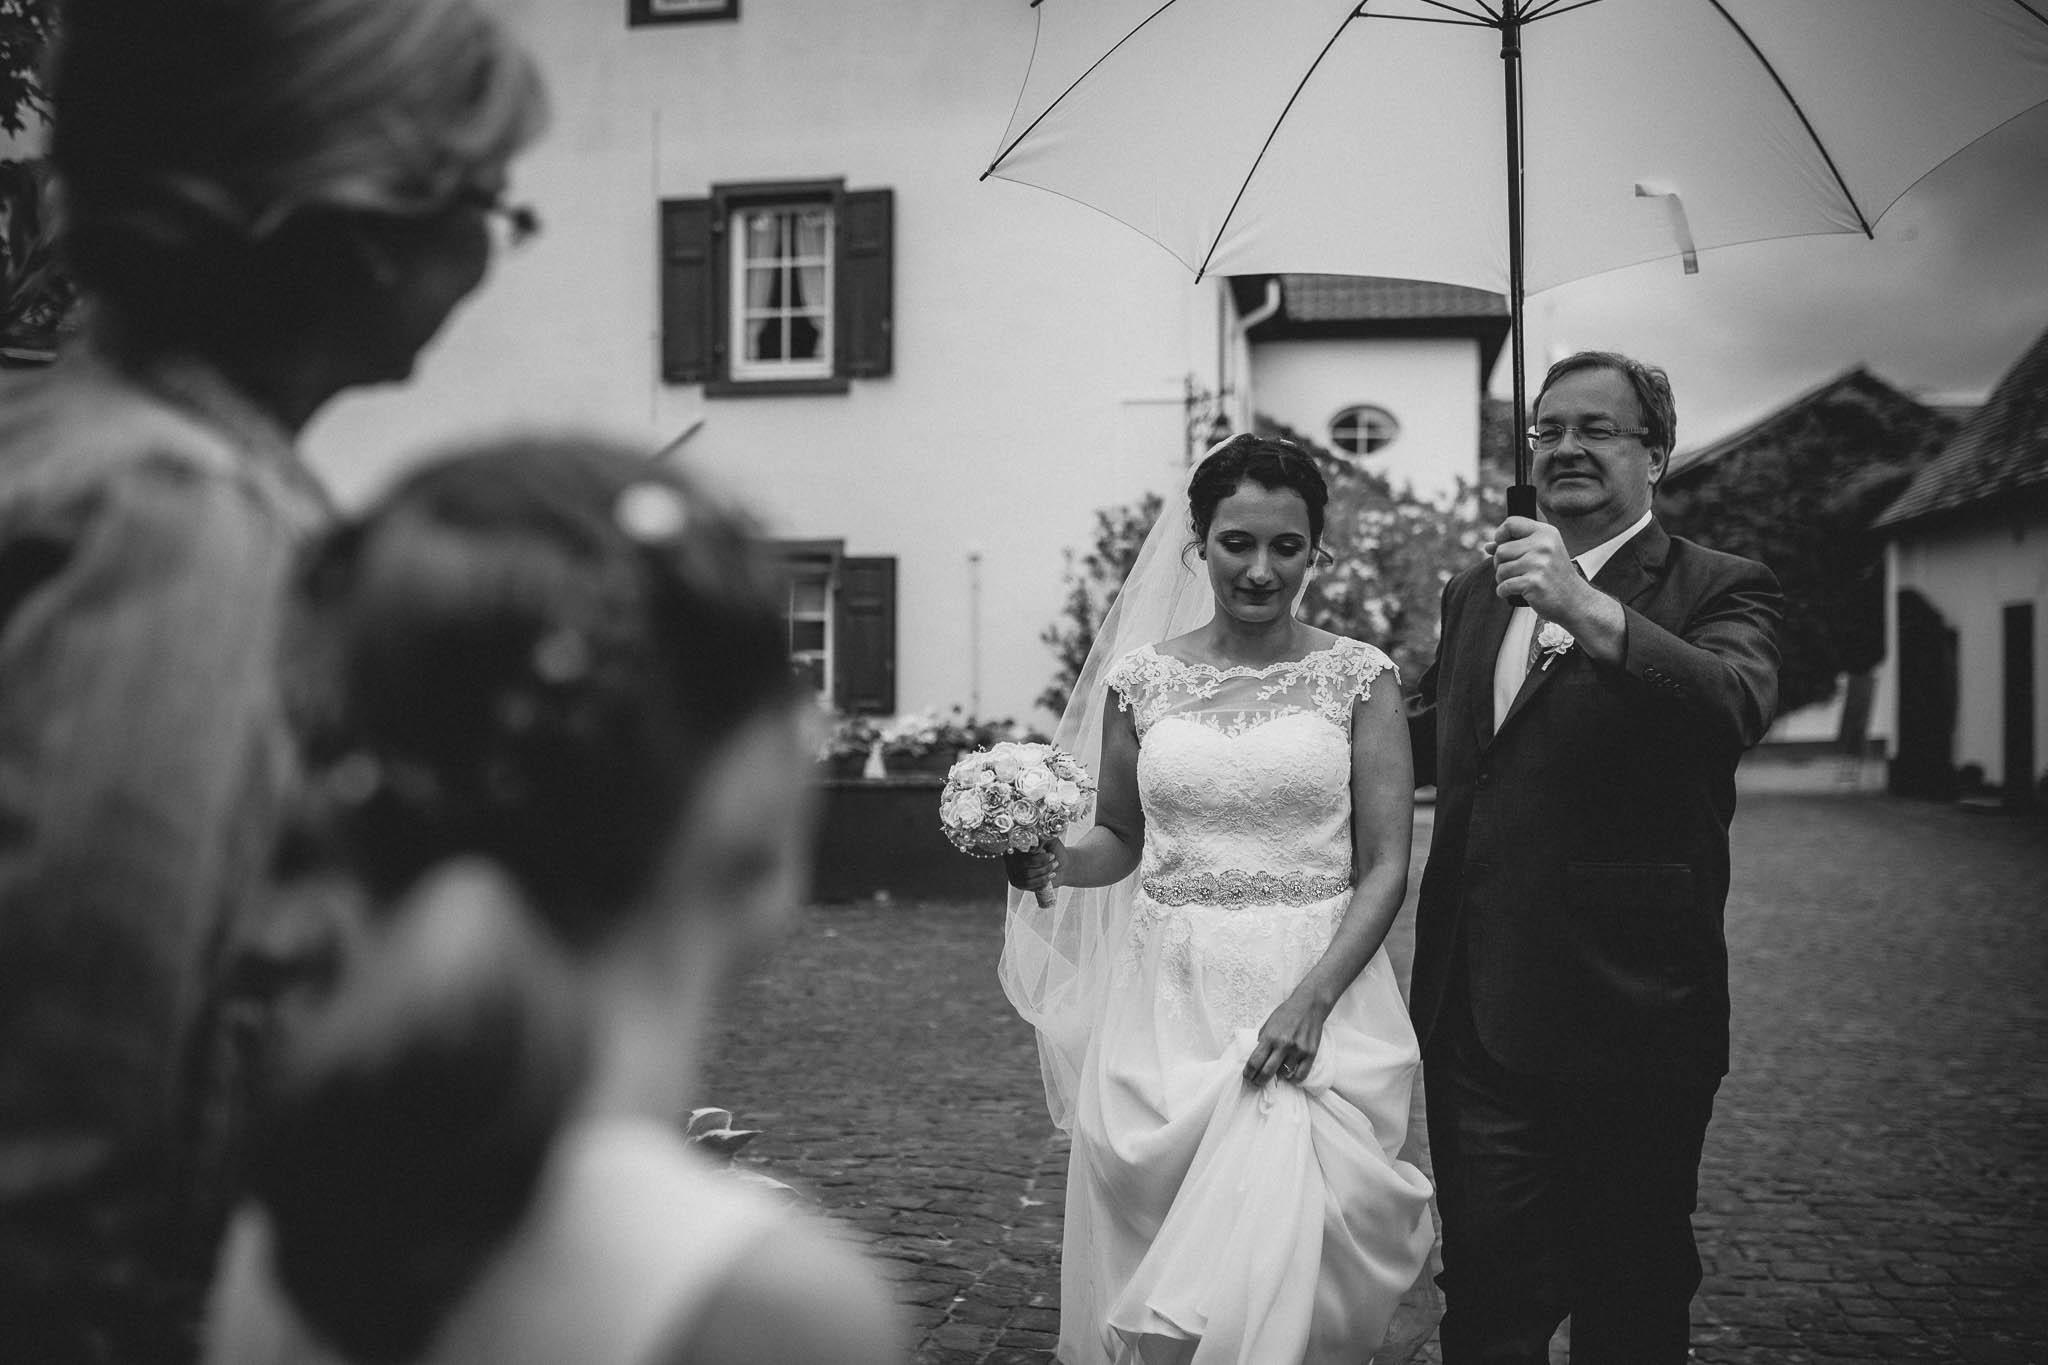 Hochzeitsfotograf Monzernheim: freie Trauung von Sarah & Patrick 18